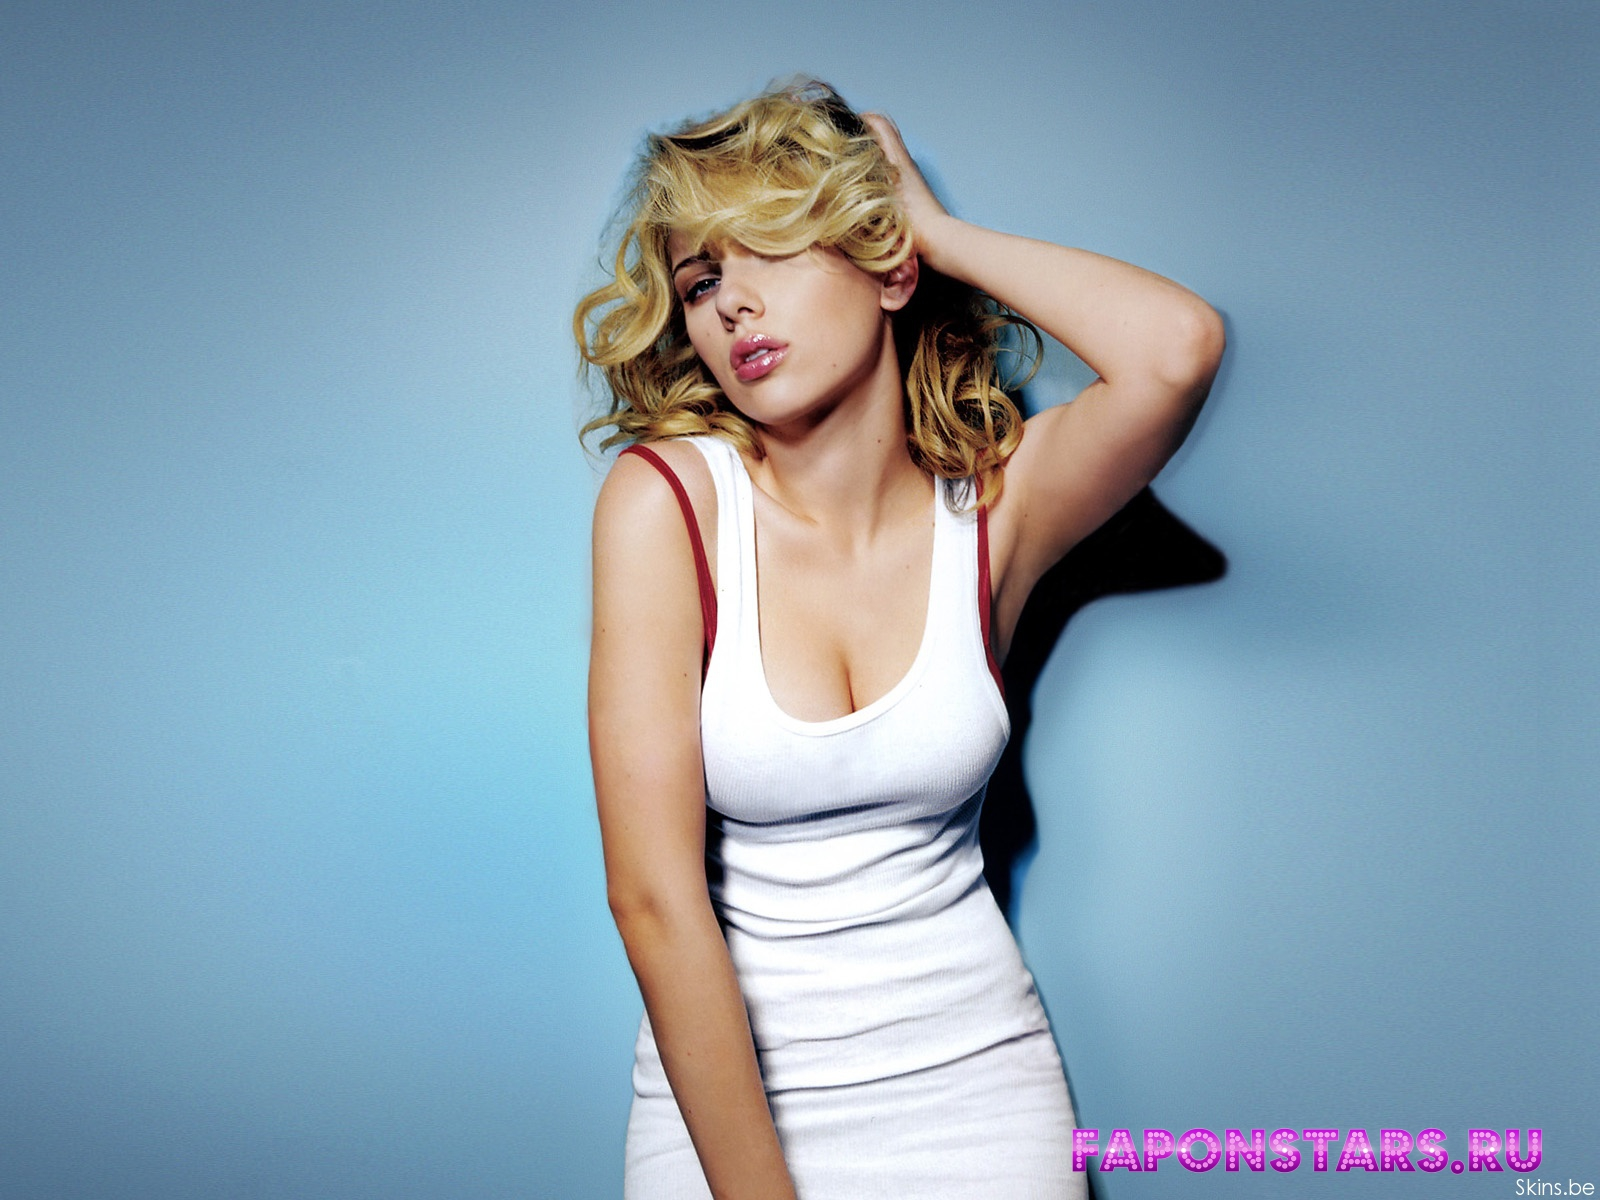 Scarlett Johansson / Скарлетт Йоханссон откровенное фото